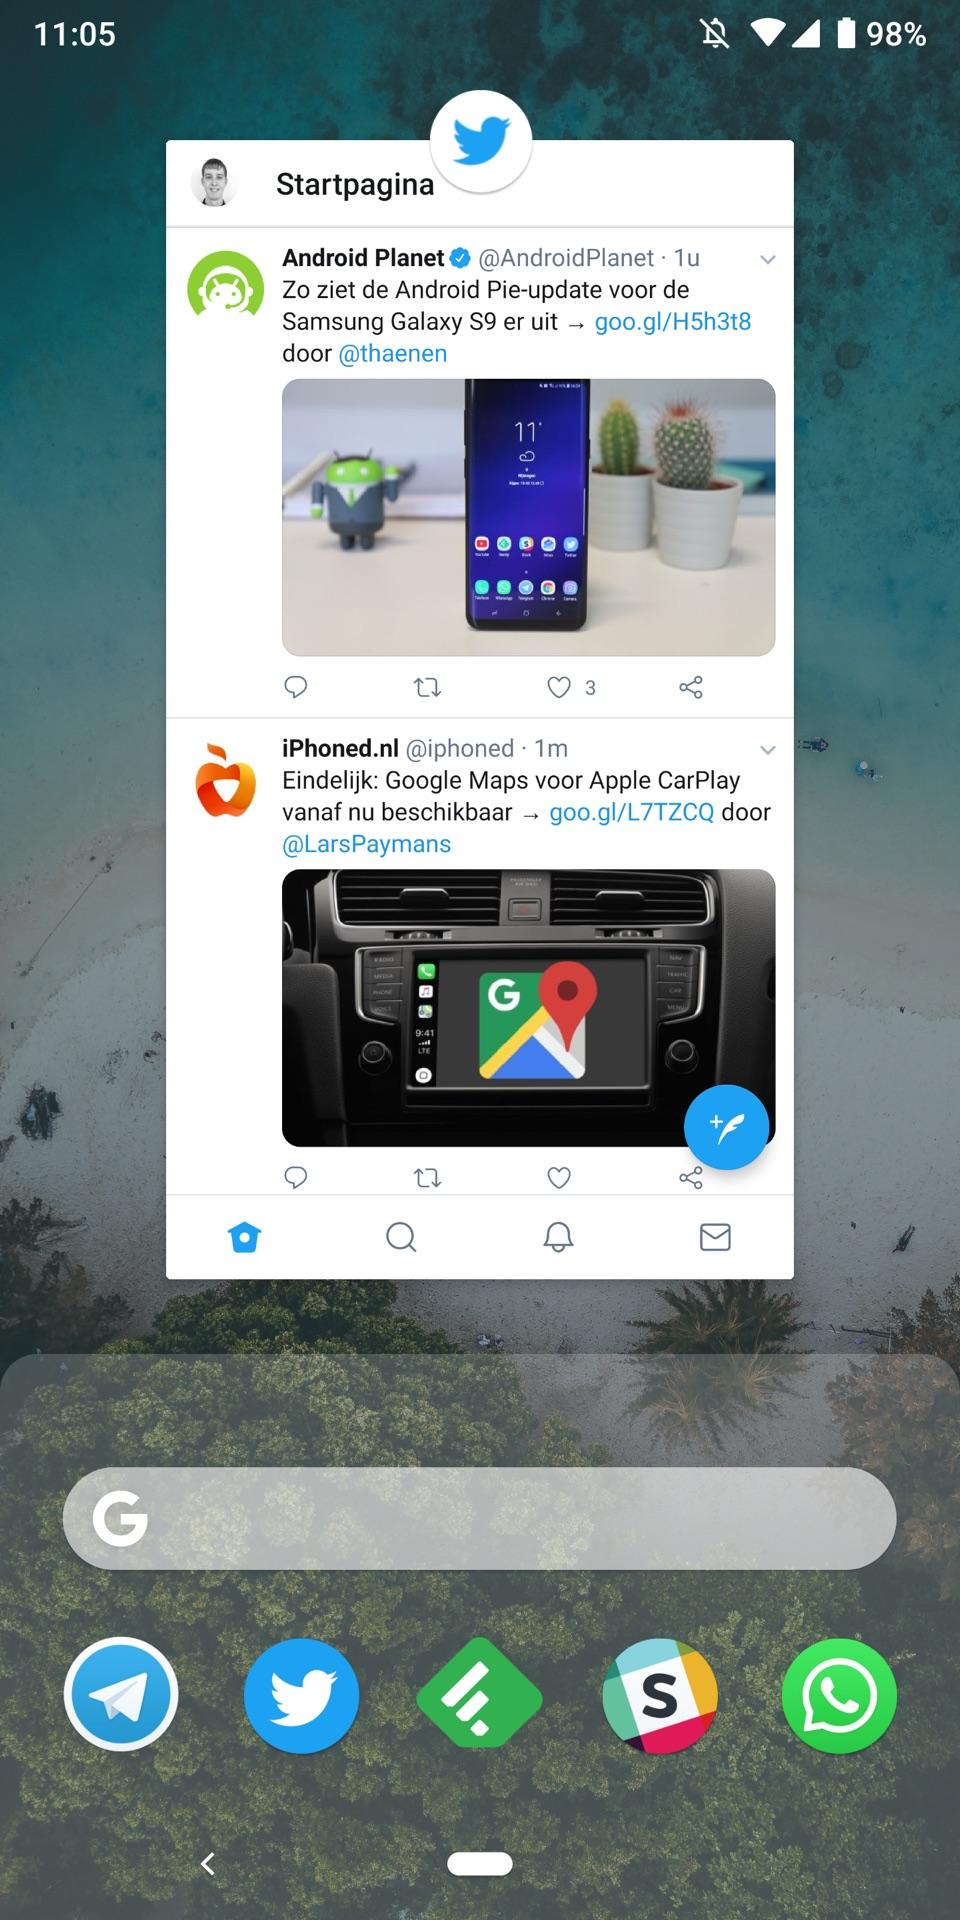 Android Pie splitscreen: zo gebruik je twee apps tegelijk